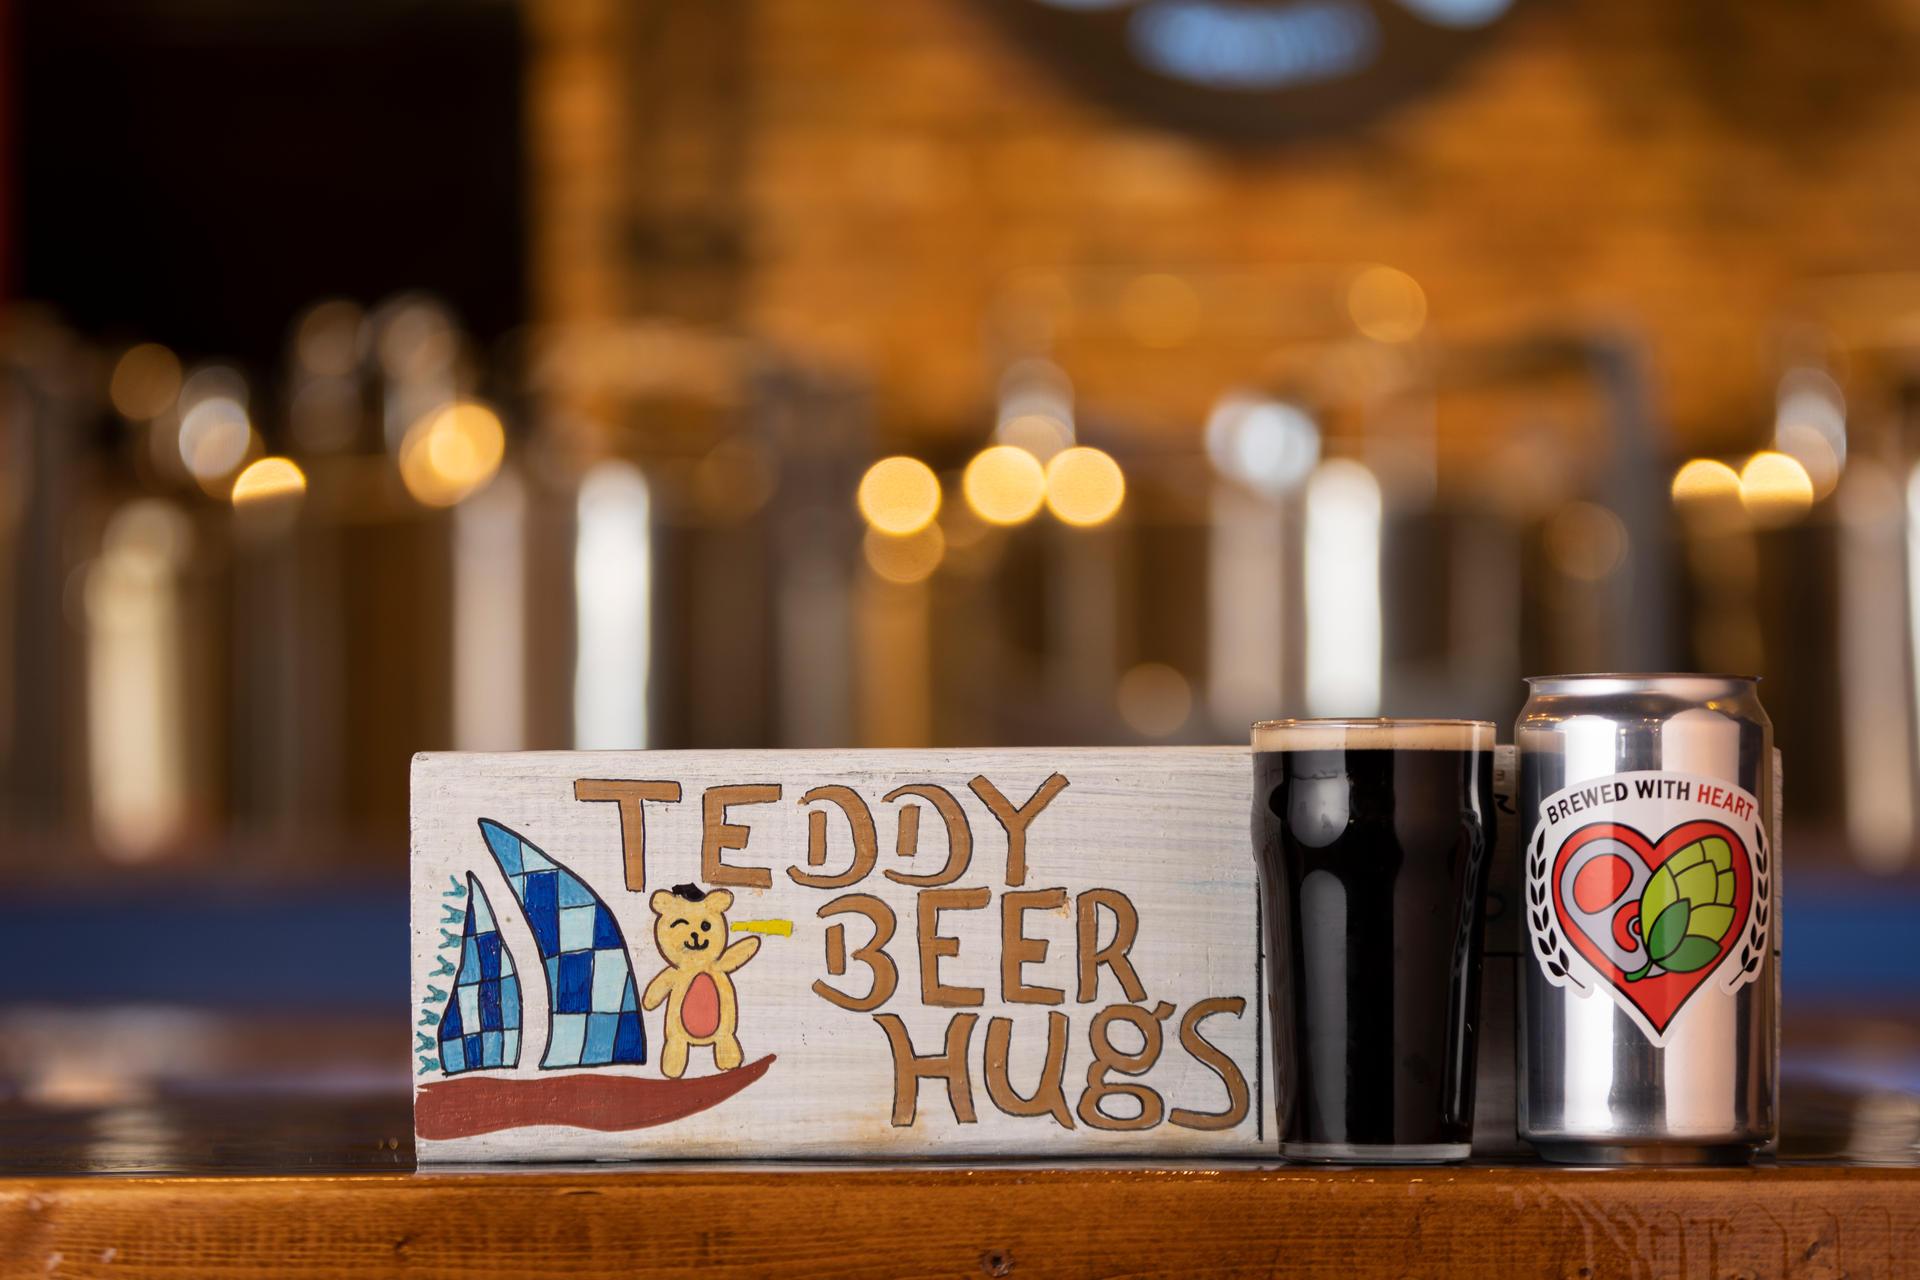 Teddy Beer Hugs